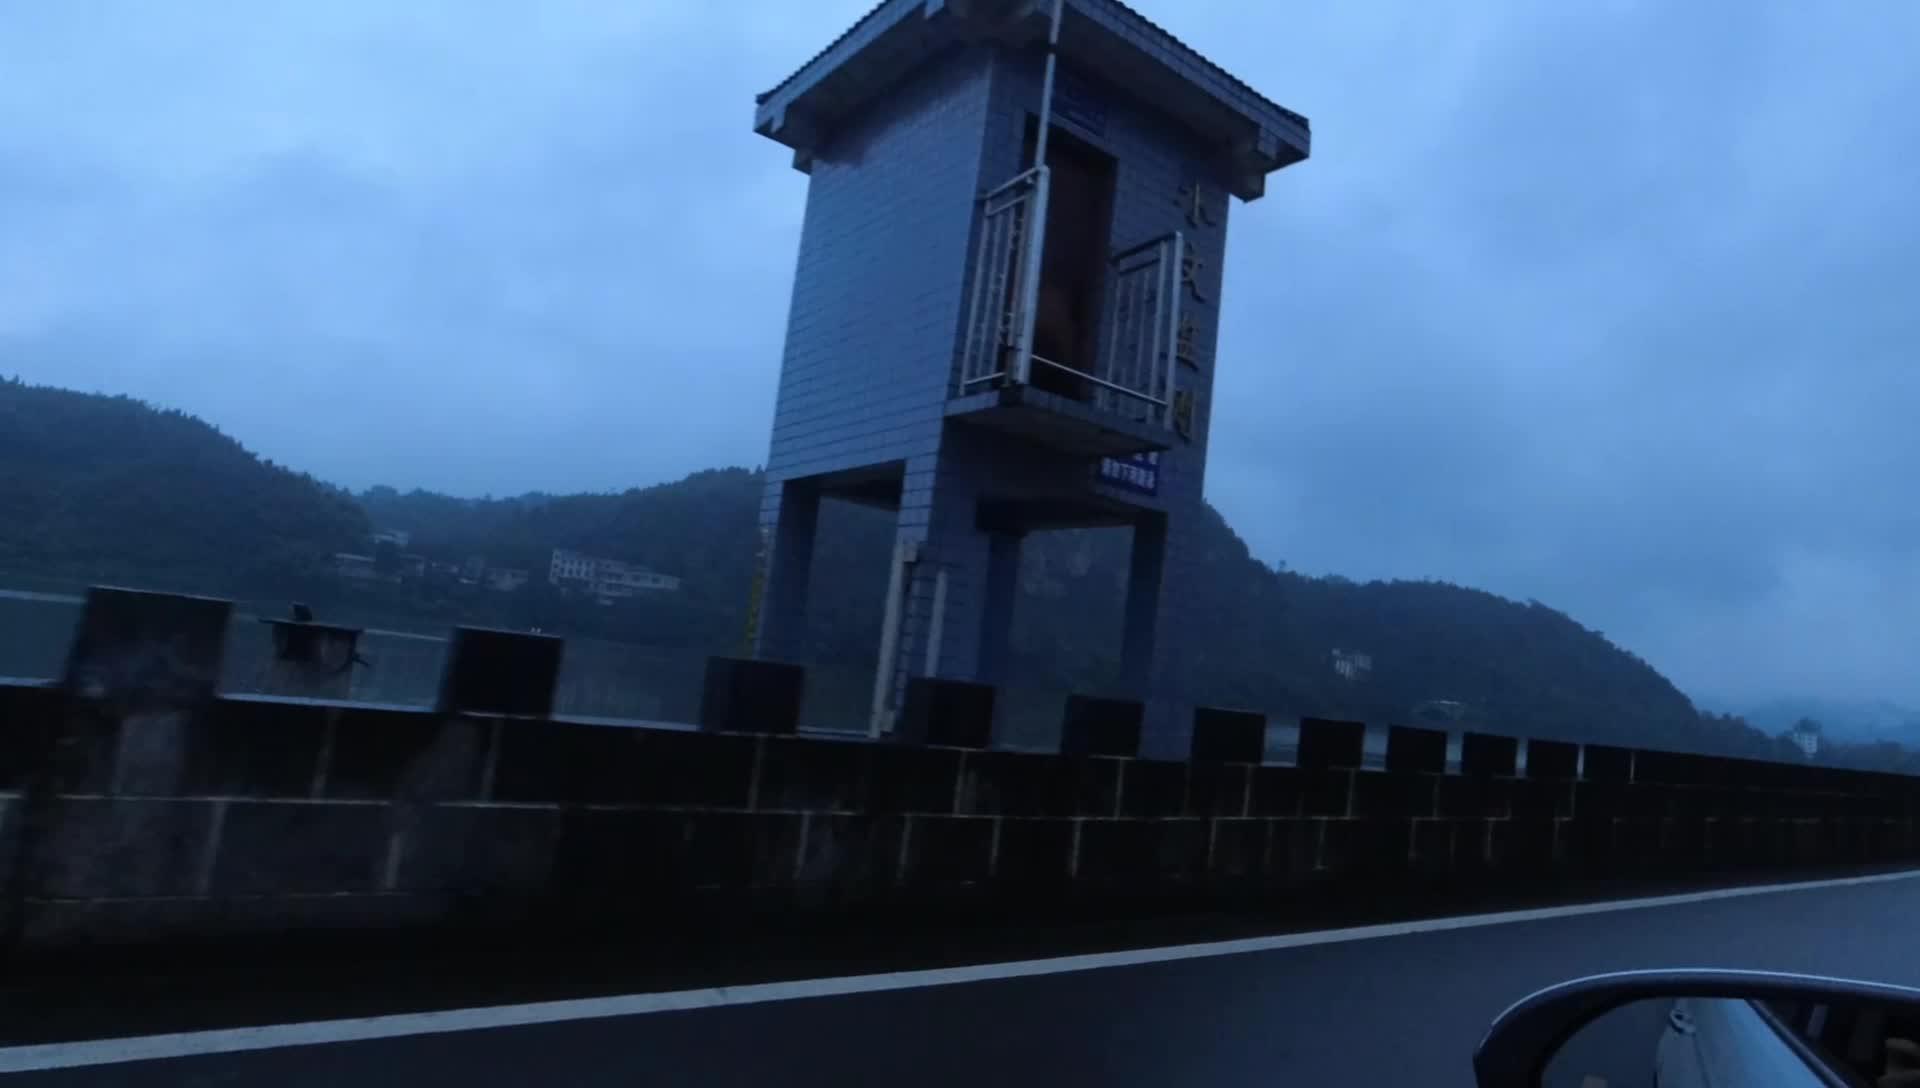 自驾游到达黔阳古城,真正的原生态古城,就是古街道有点恐怖!